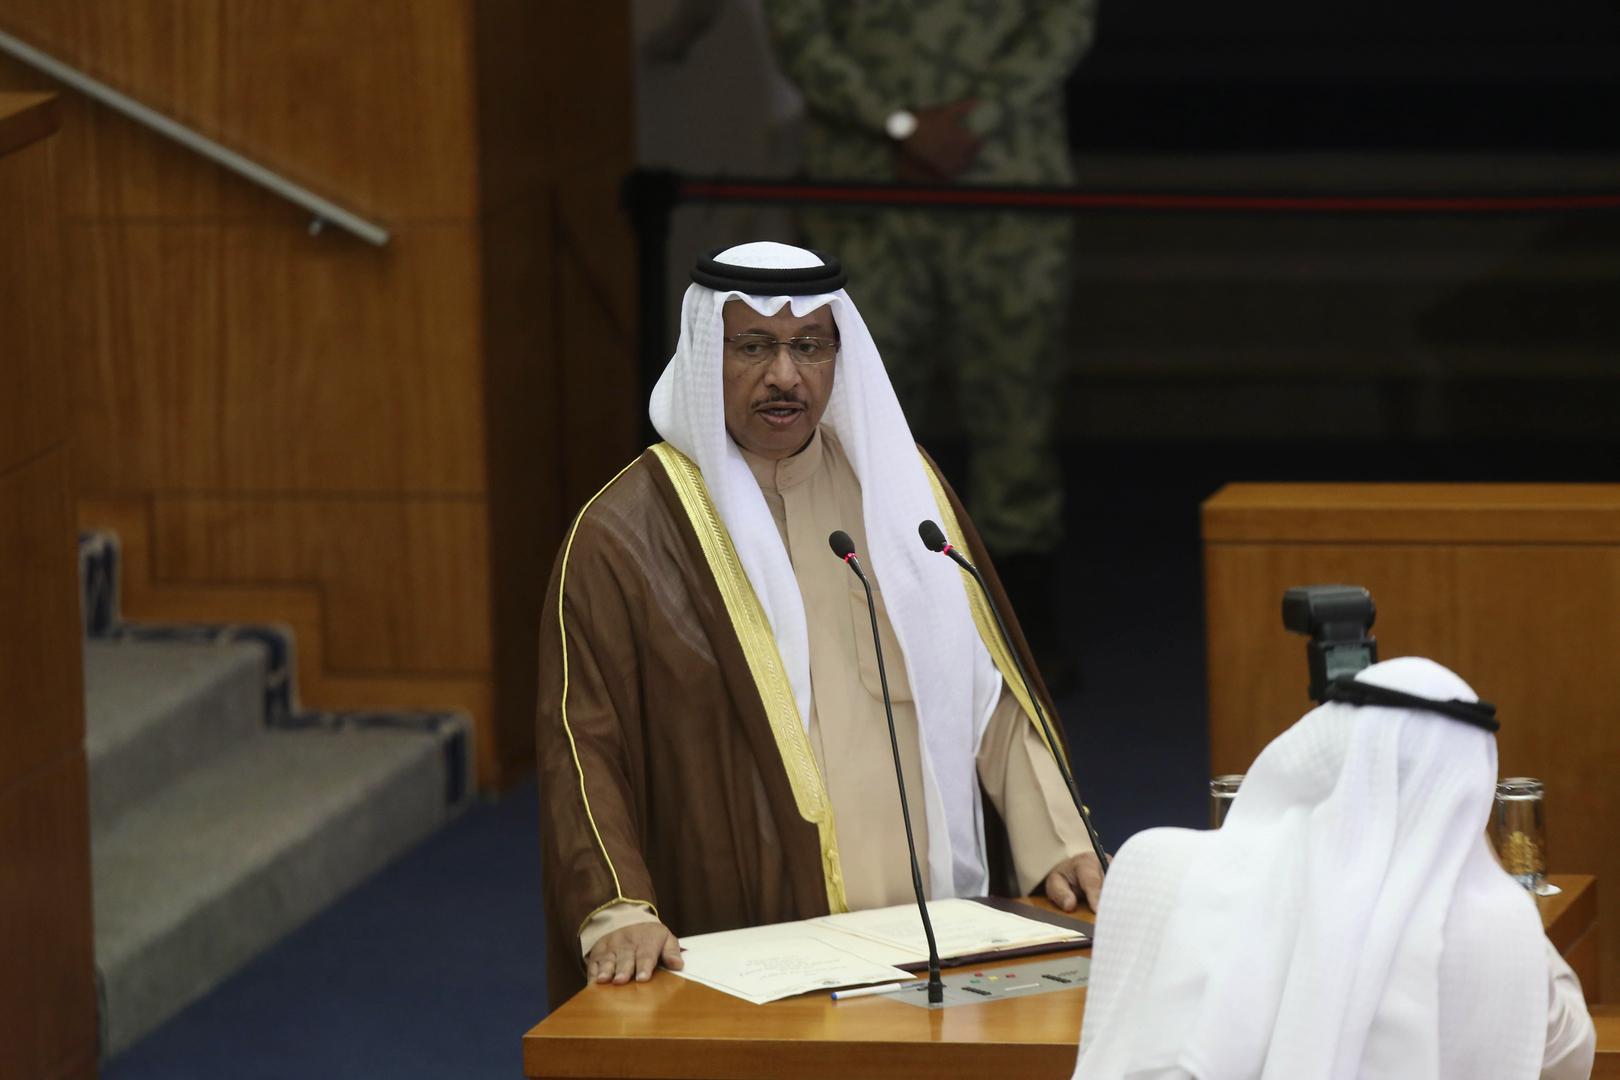 رئيس الوزراء الكويتي السابق الشيخ جابر المبارك